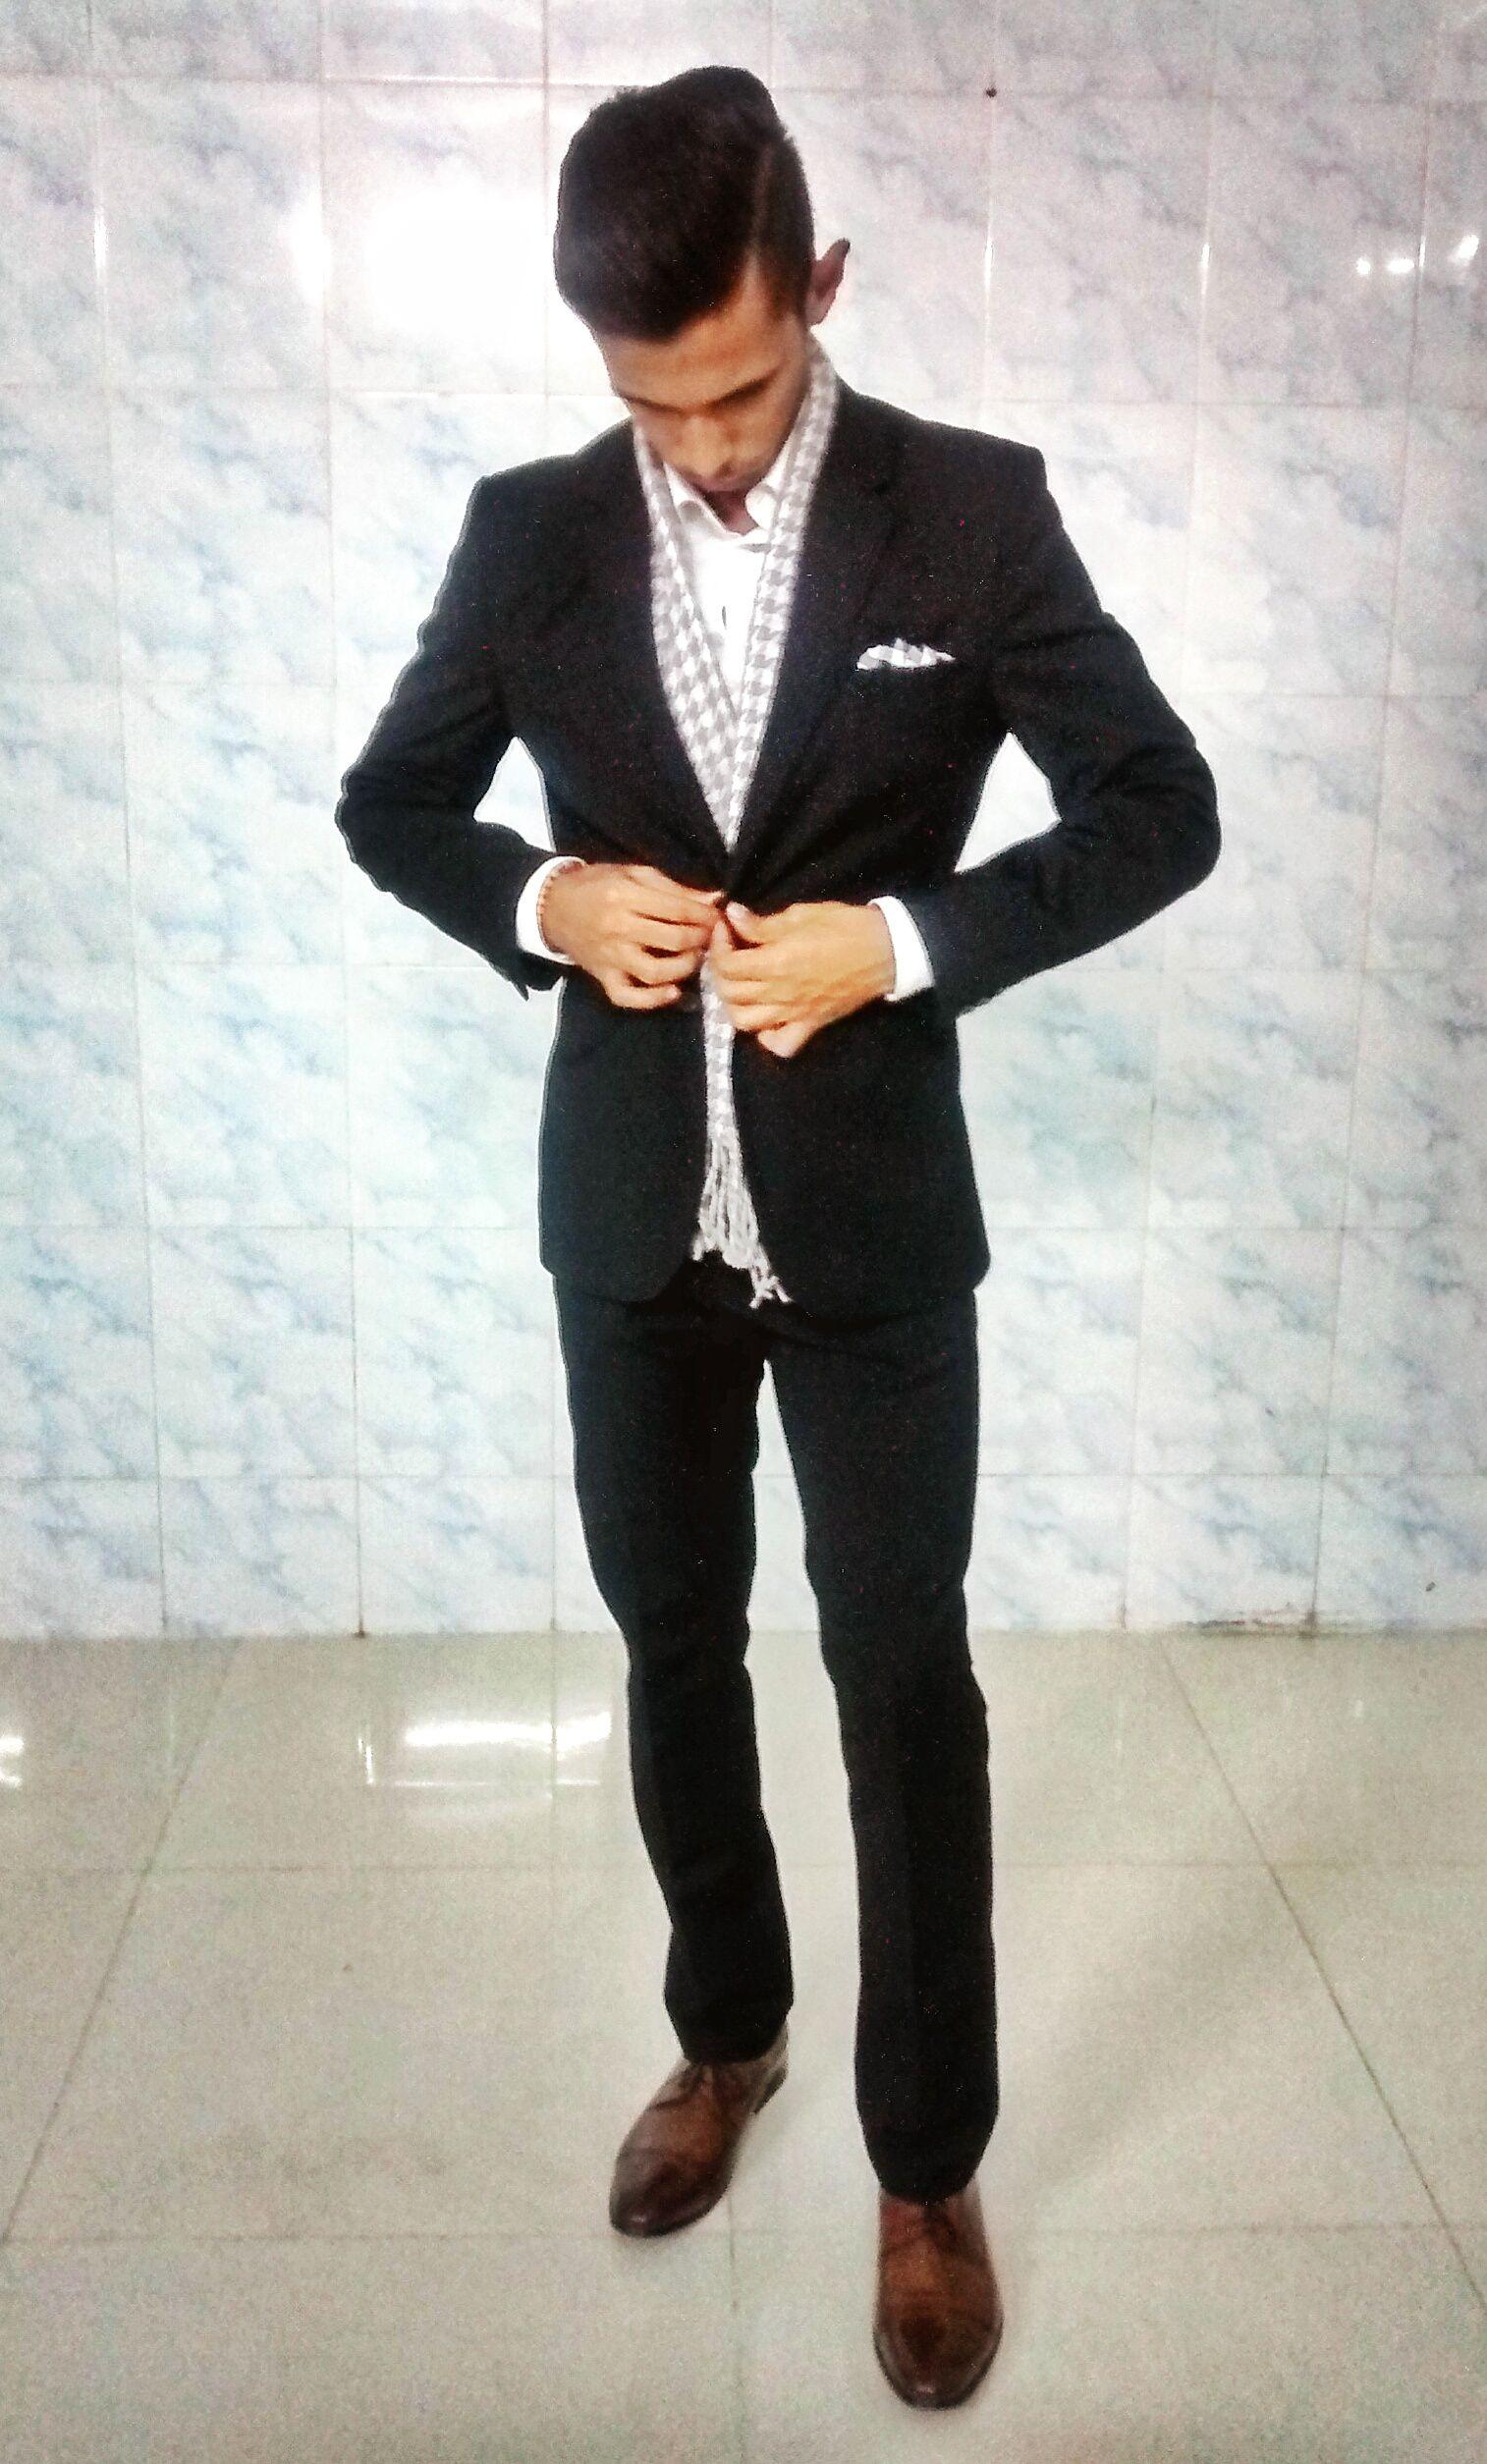 black suit black shoes - photo #12